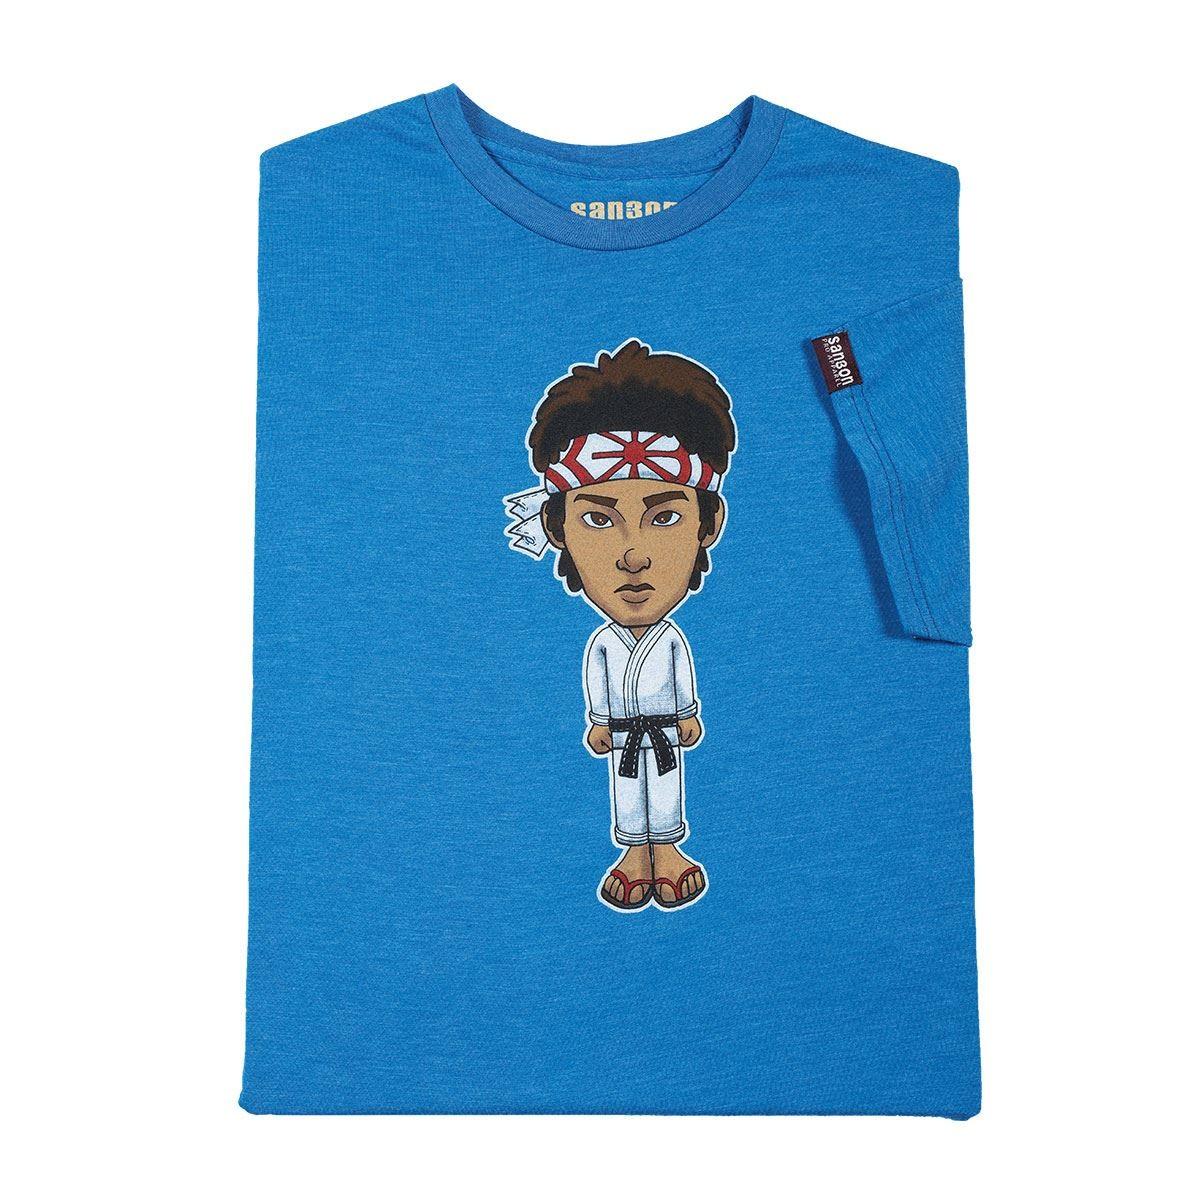 Sanbon Pro Karate T-Shirt